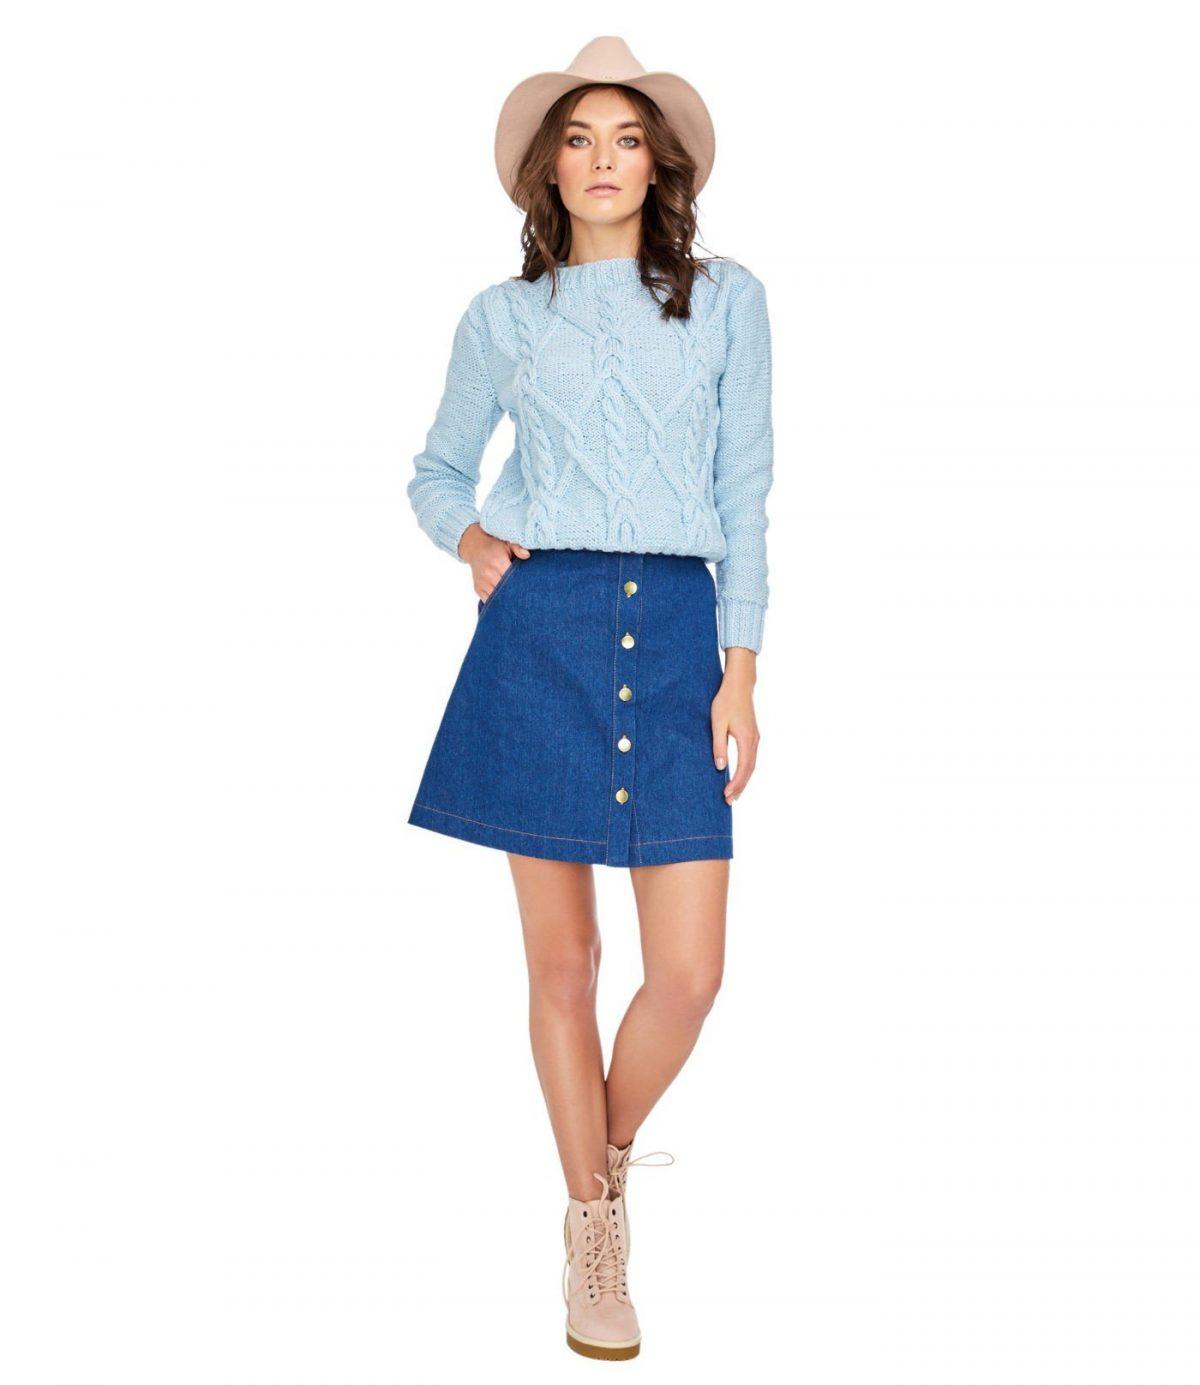 юбка-трапеция джинсовая на пуговках